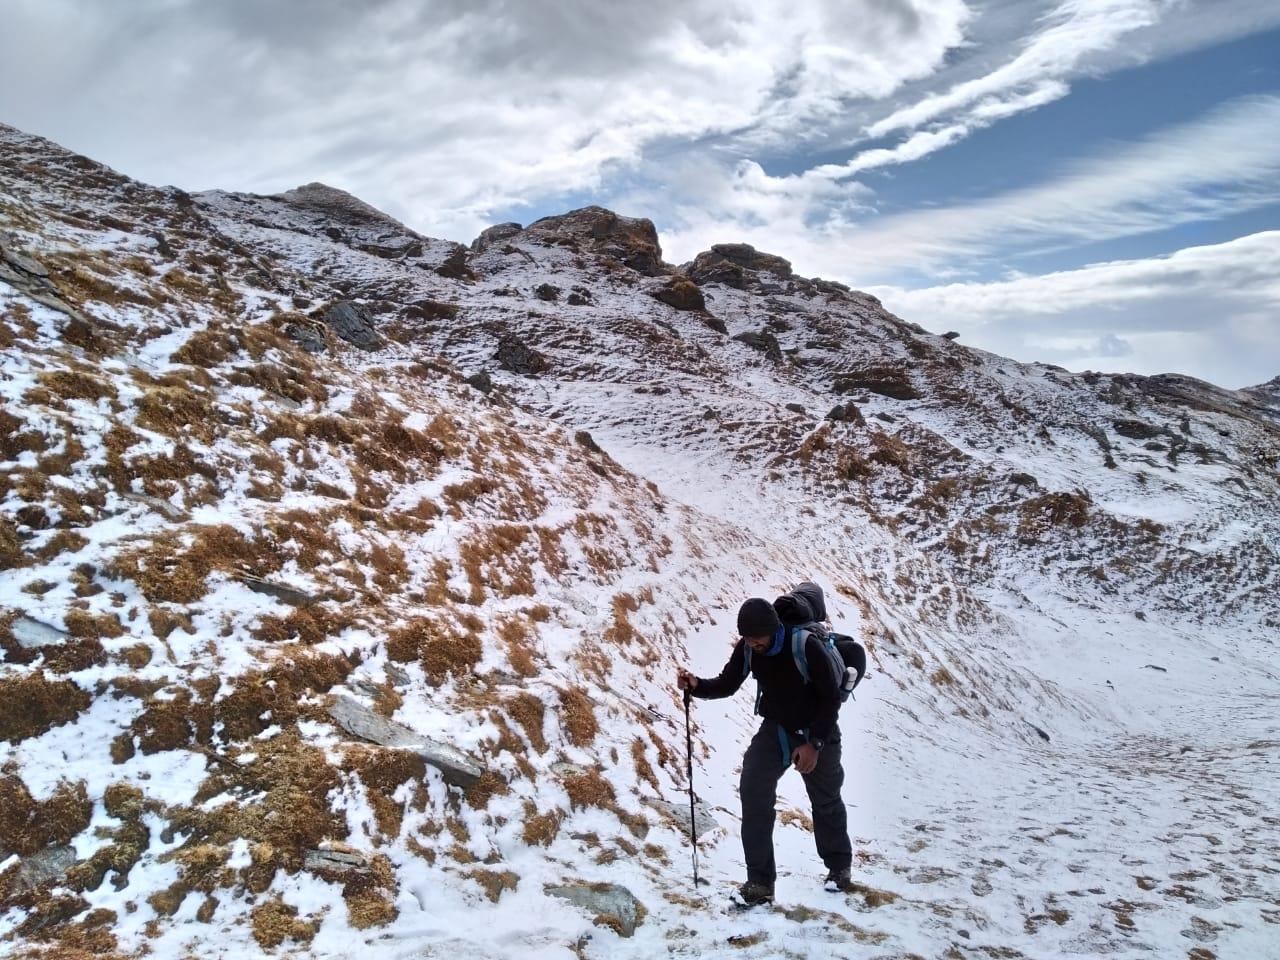 trekker holding trekking stick walking over snow covered ground